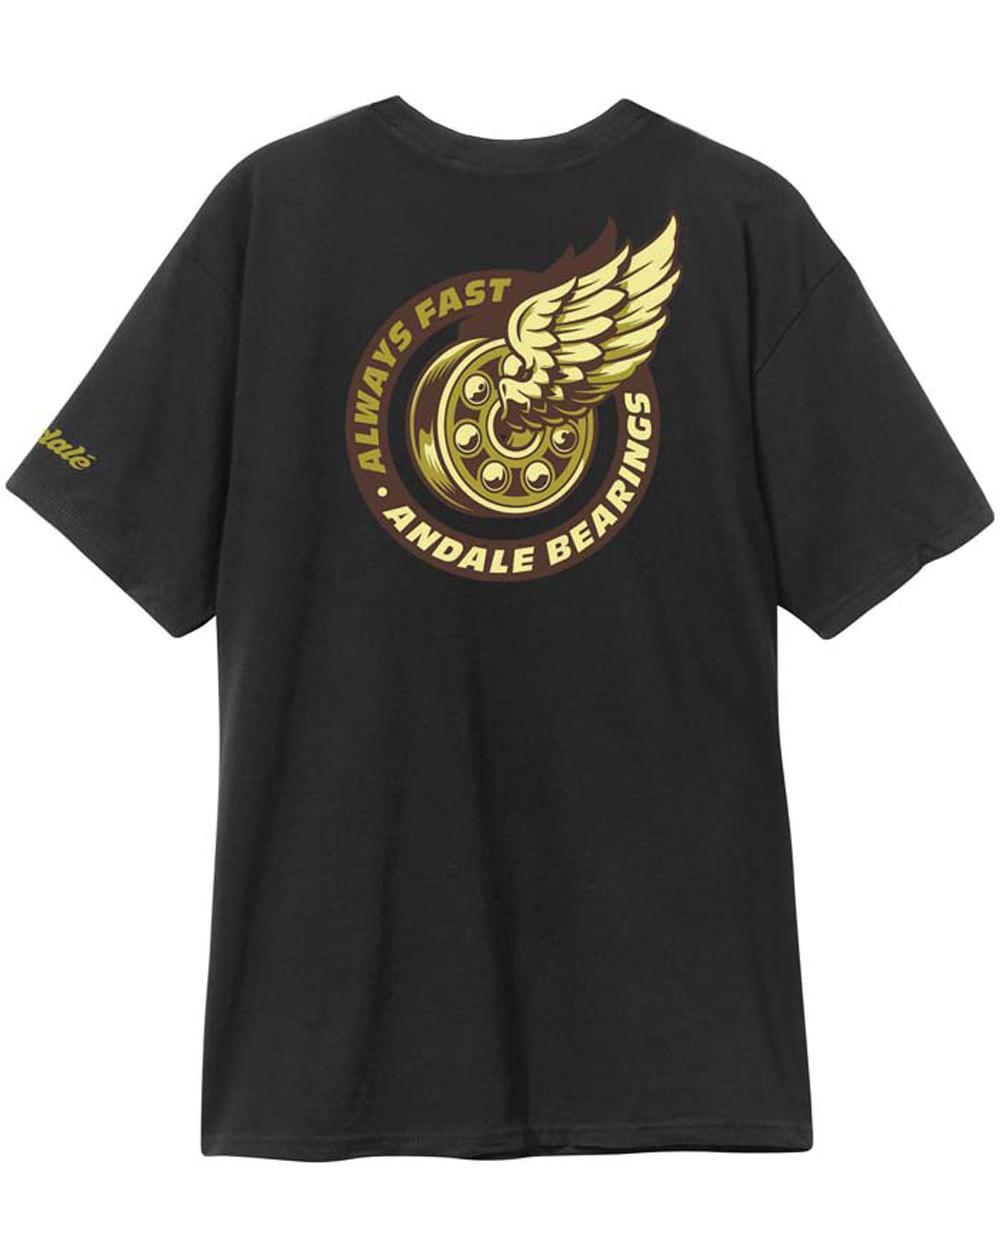 Andalé Excel Premium T-Shirt Uomo Black